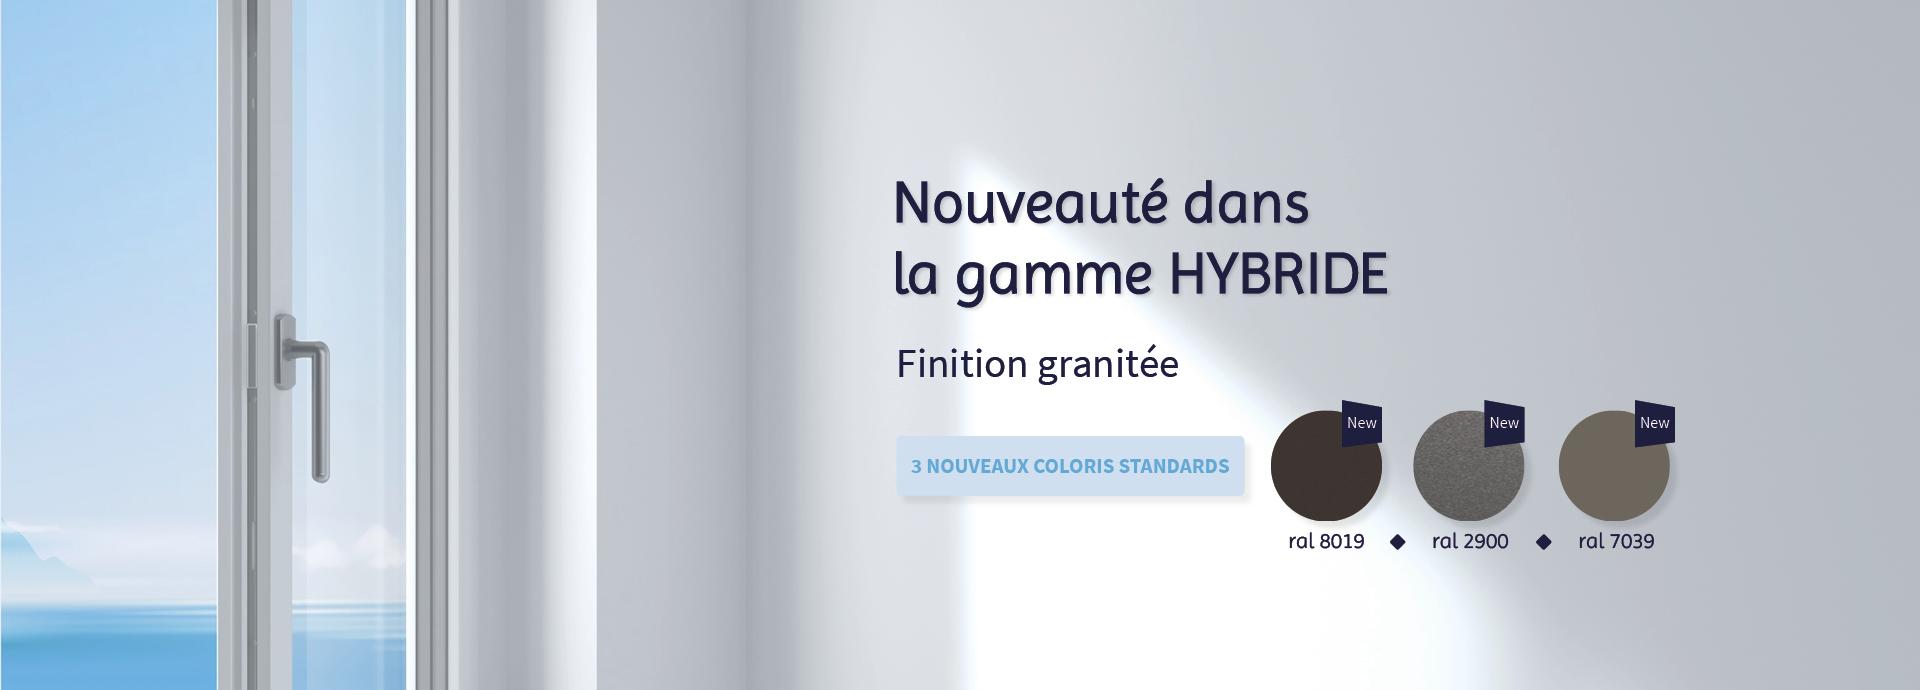 home-slide-nouveaux-coloris-hybride